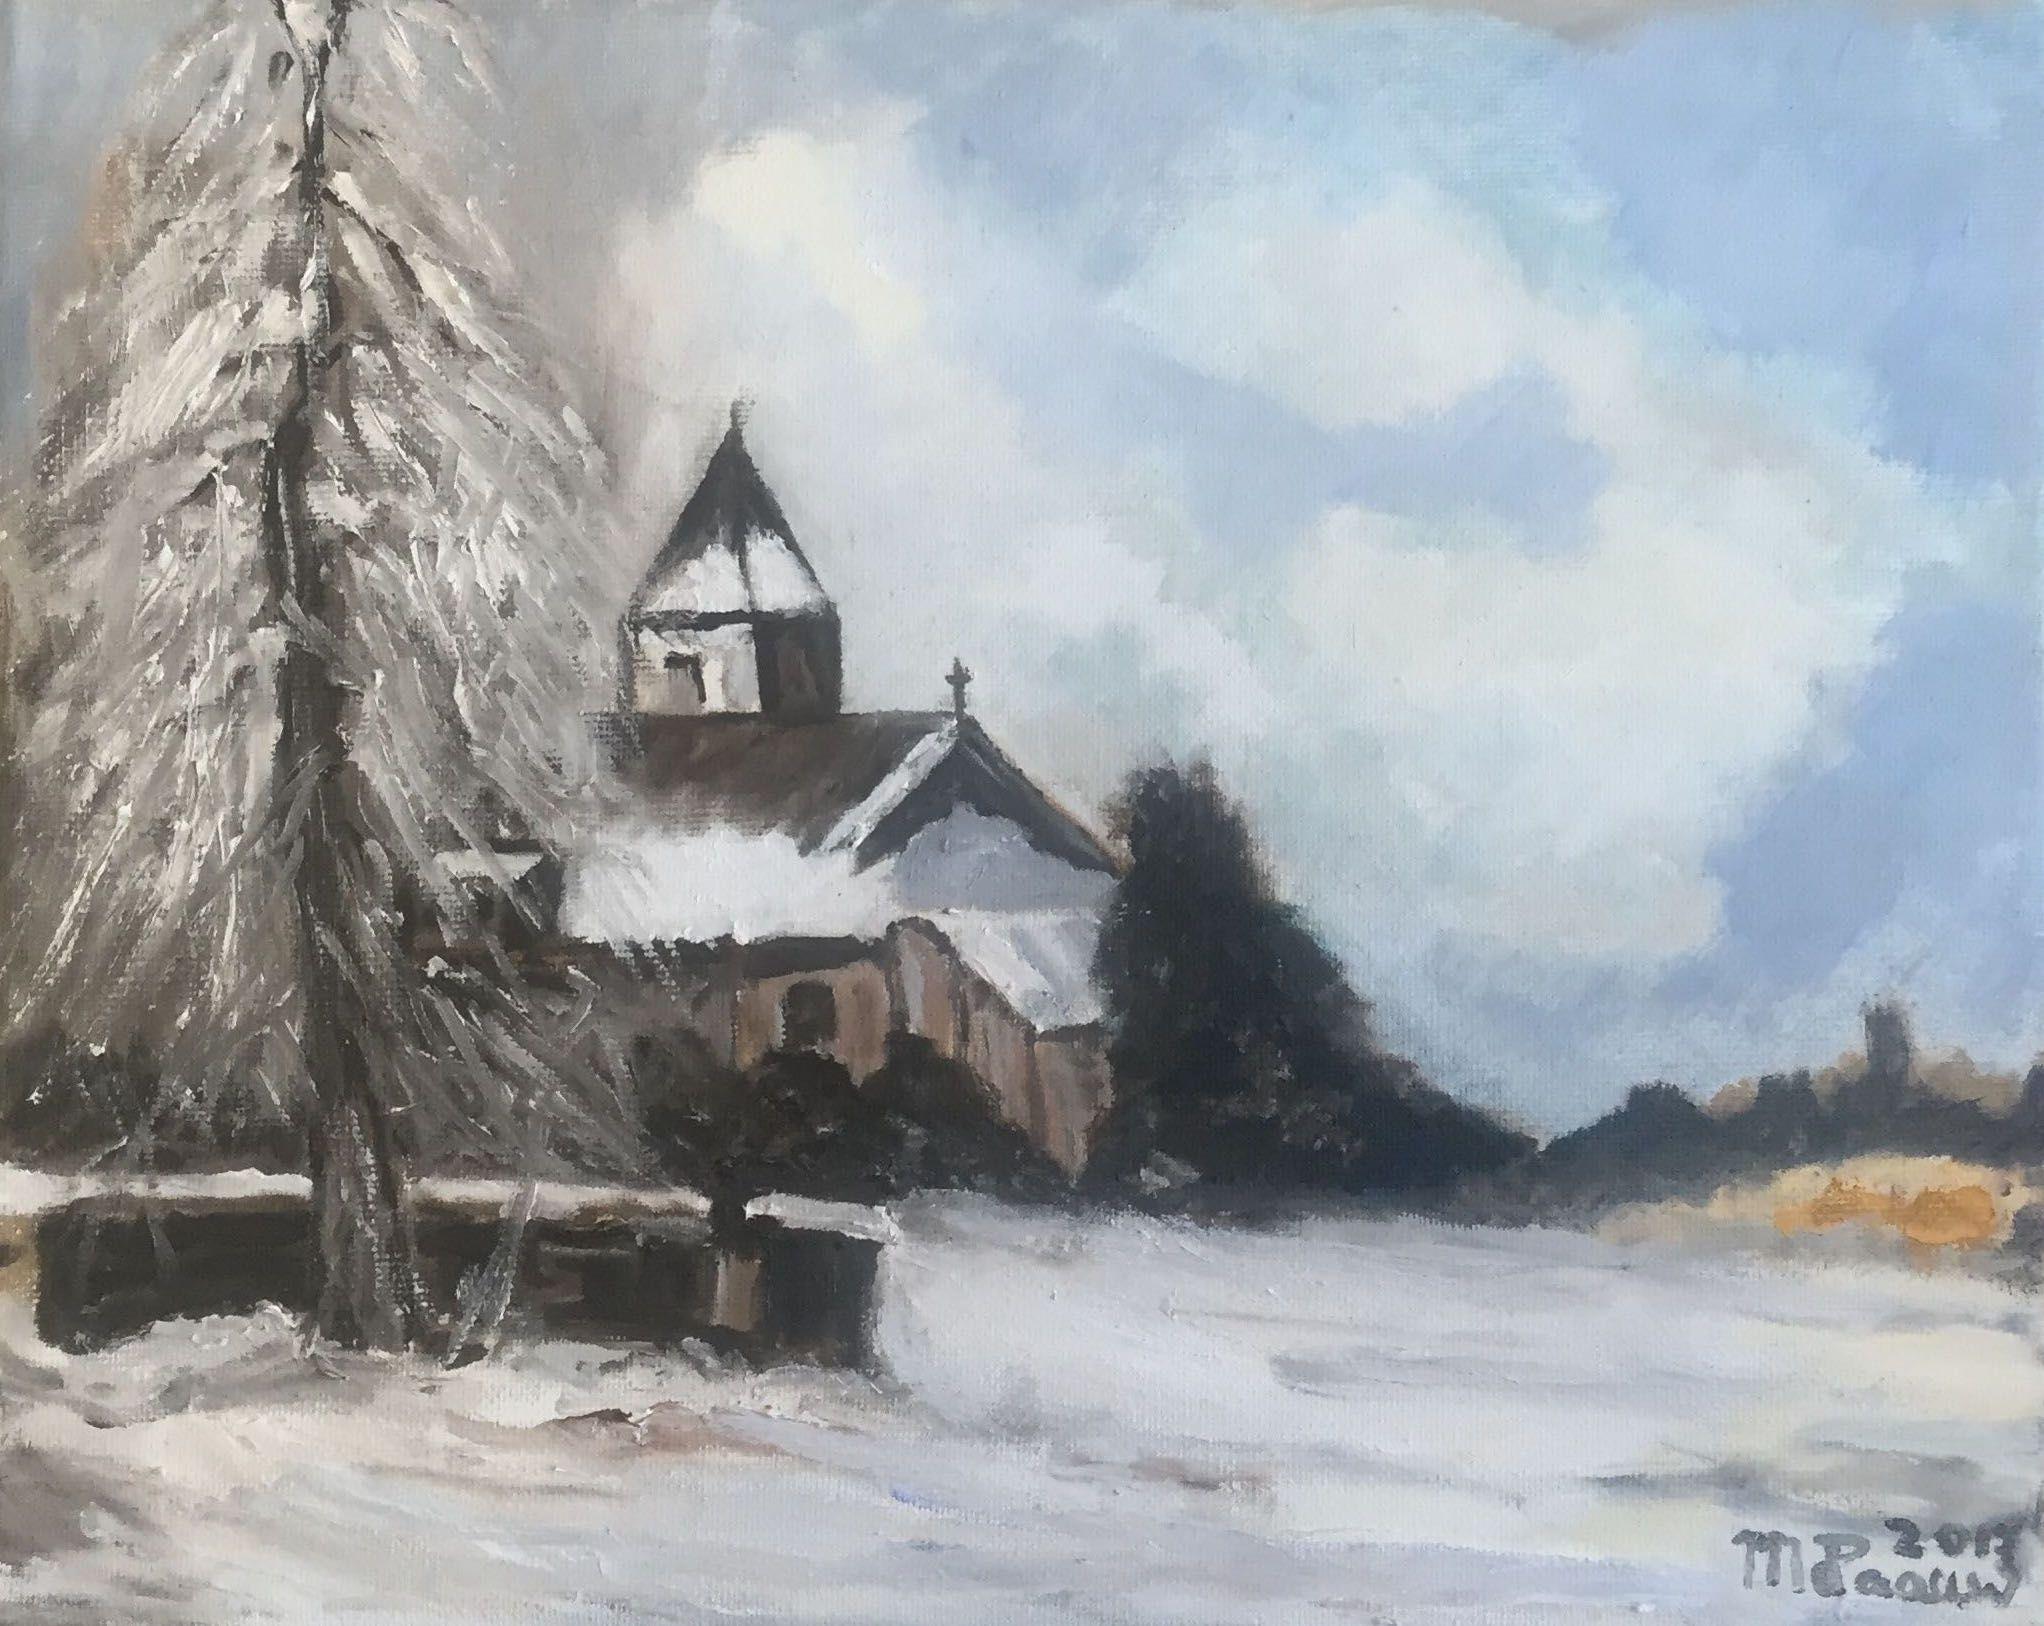 Winterlandschap met kerk door Riet de Paauw.